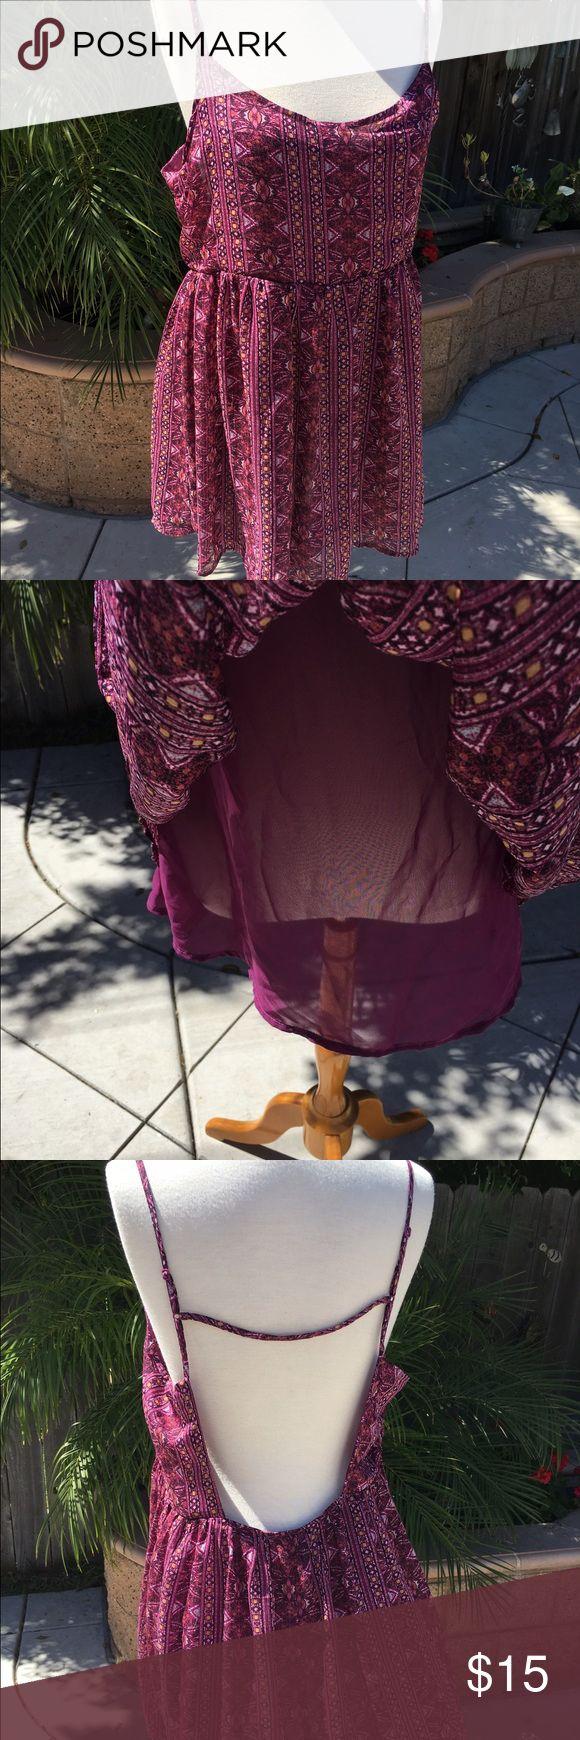 Adorable flowy summer dress NWOT purple patterned dress. Open back with adjustable straps. Full Tilt Dresses Backless